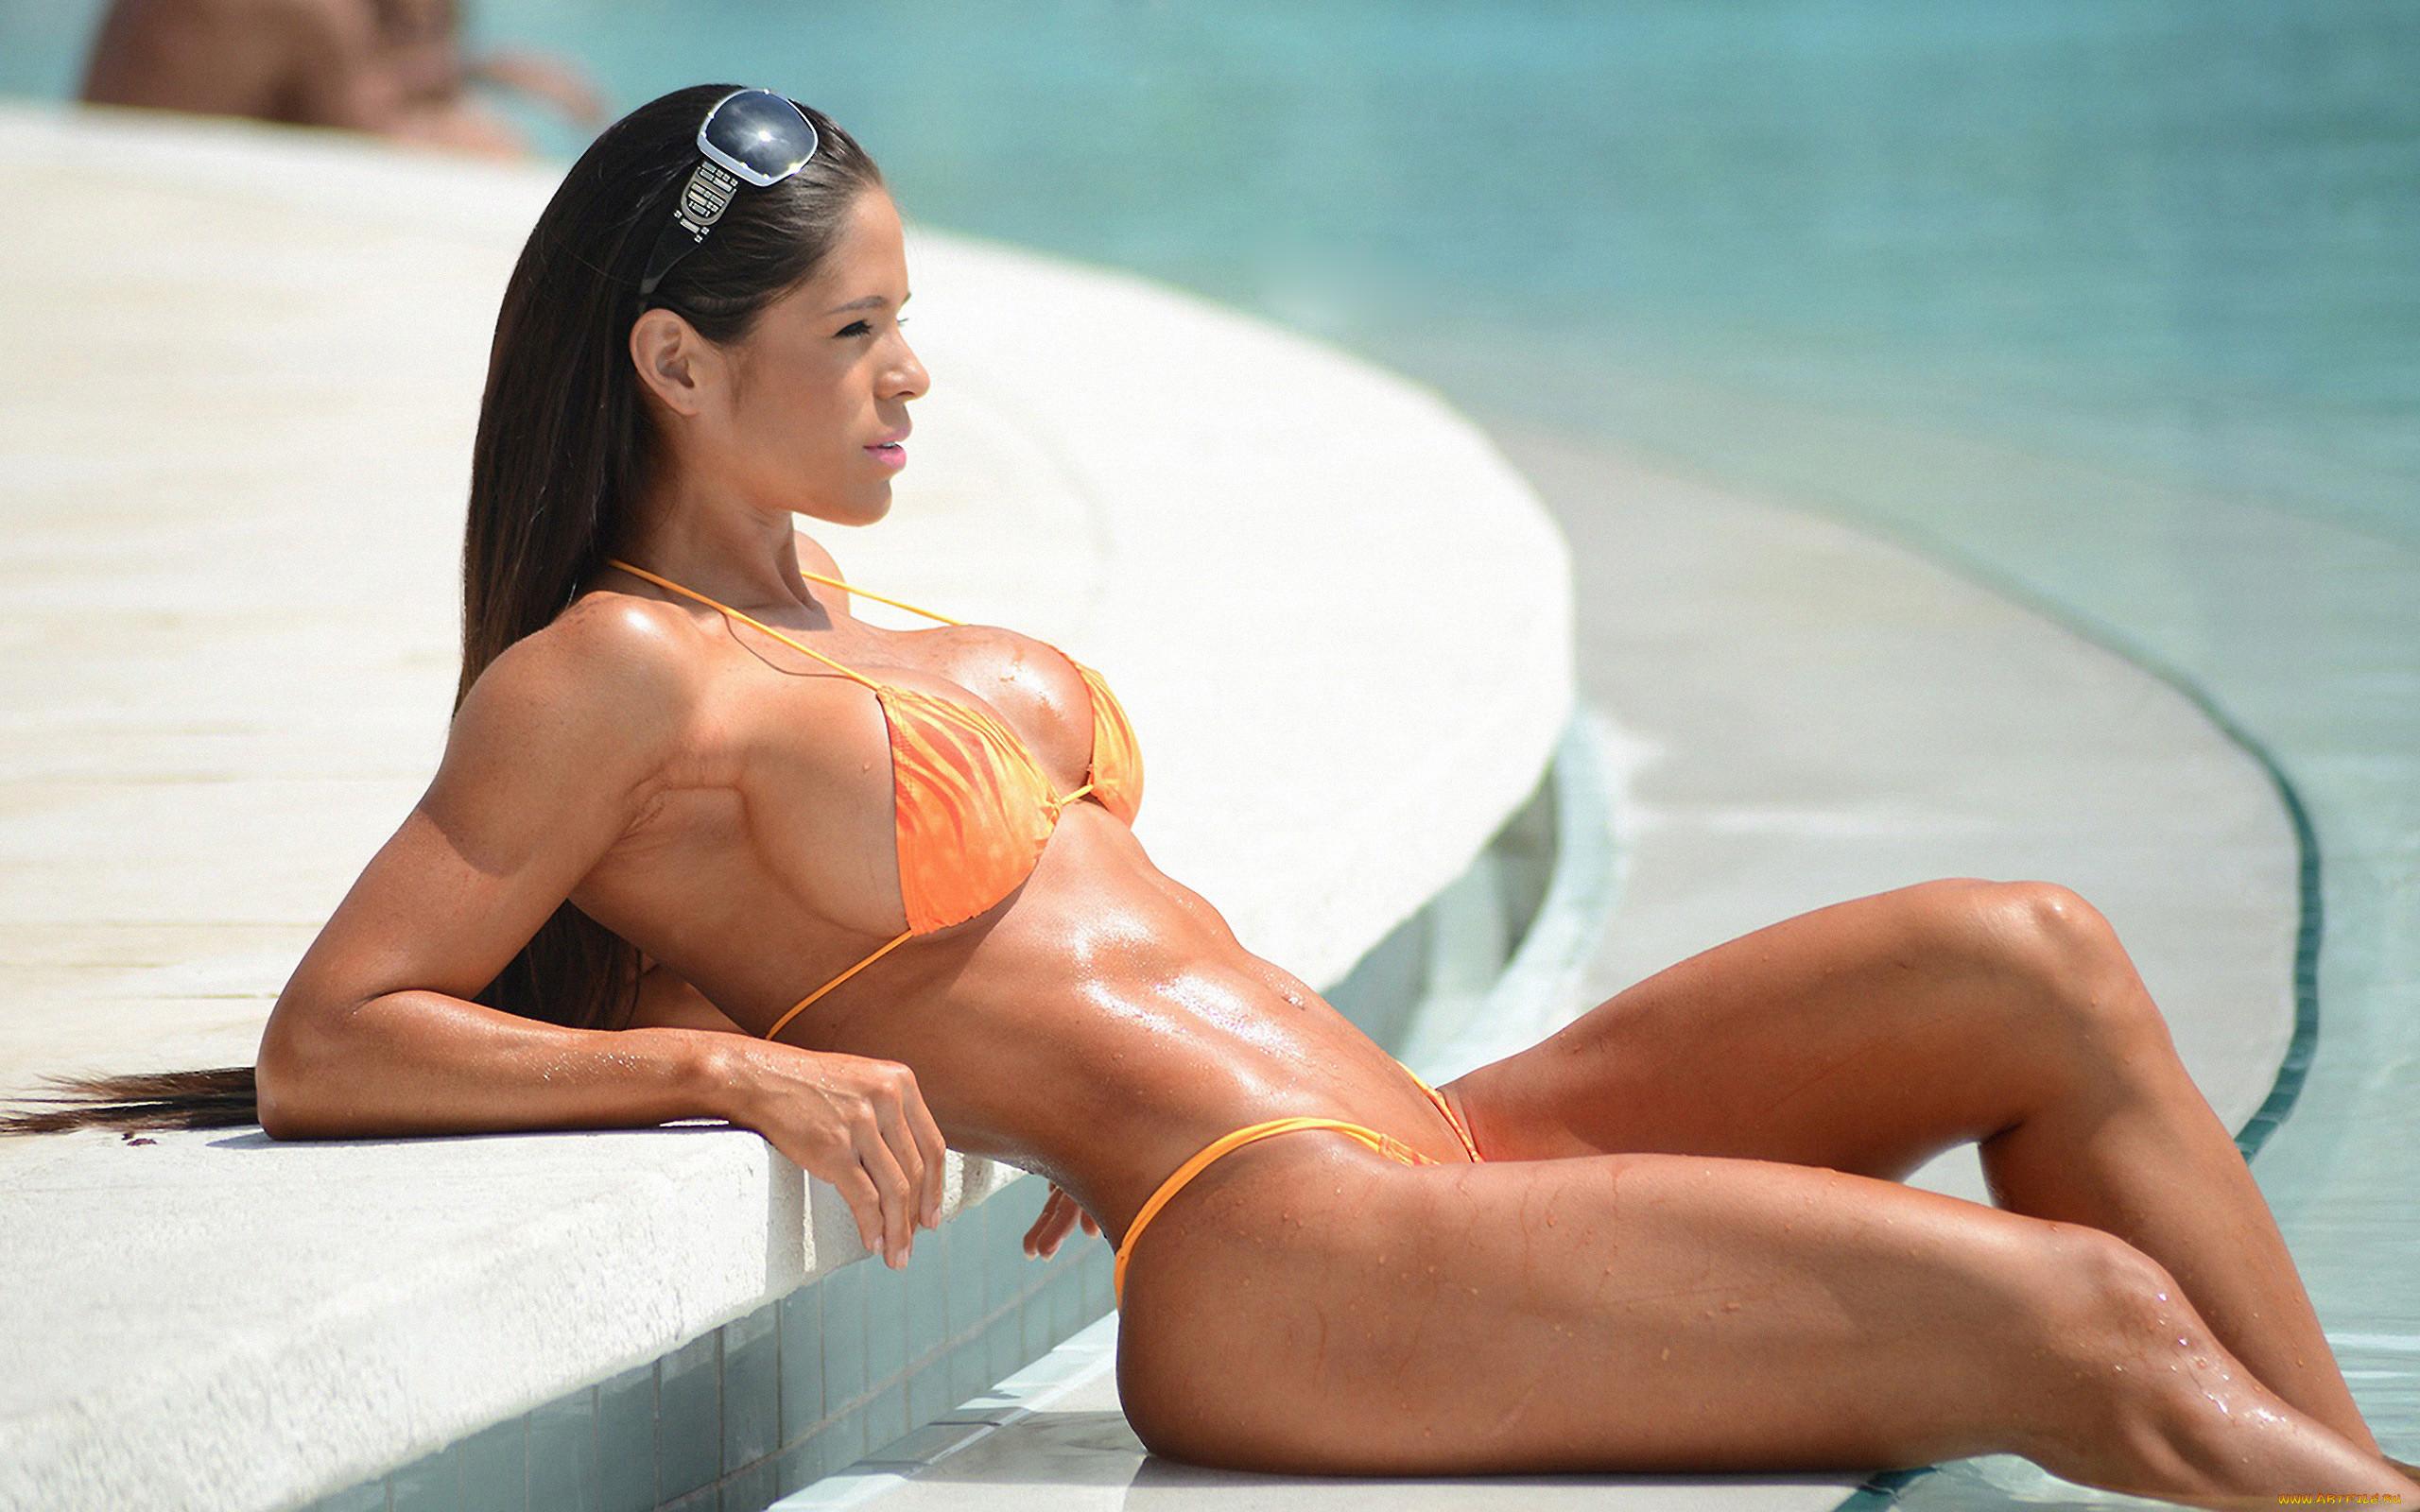 Мишель левин - самая известная фитнес-модель инстаграмма: биография, факты, тренировки и питание   promusculus.ru